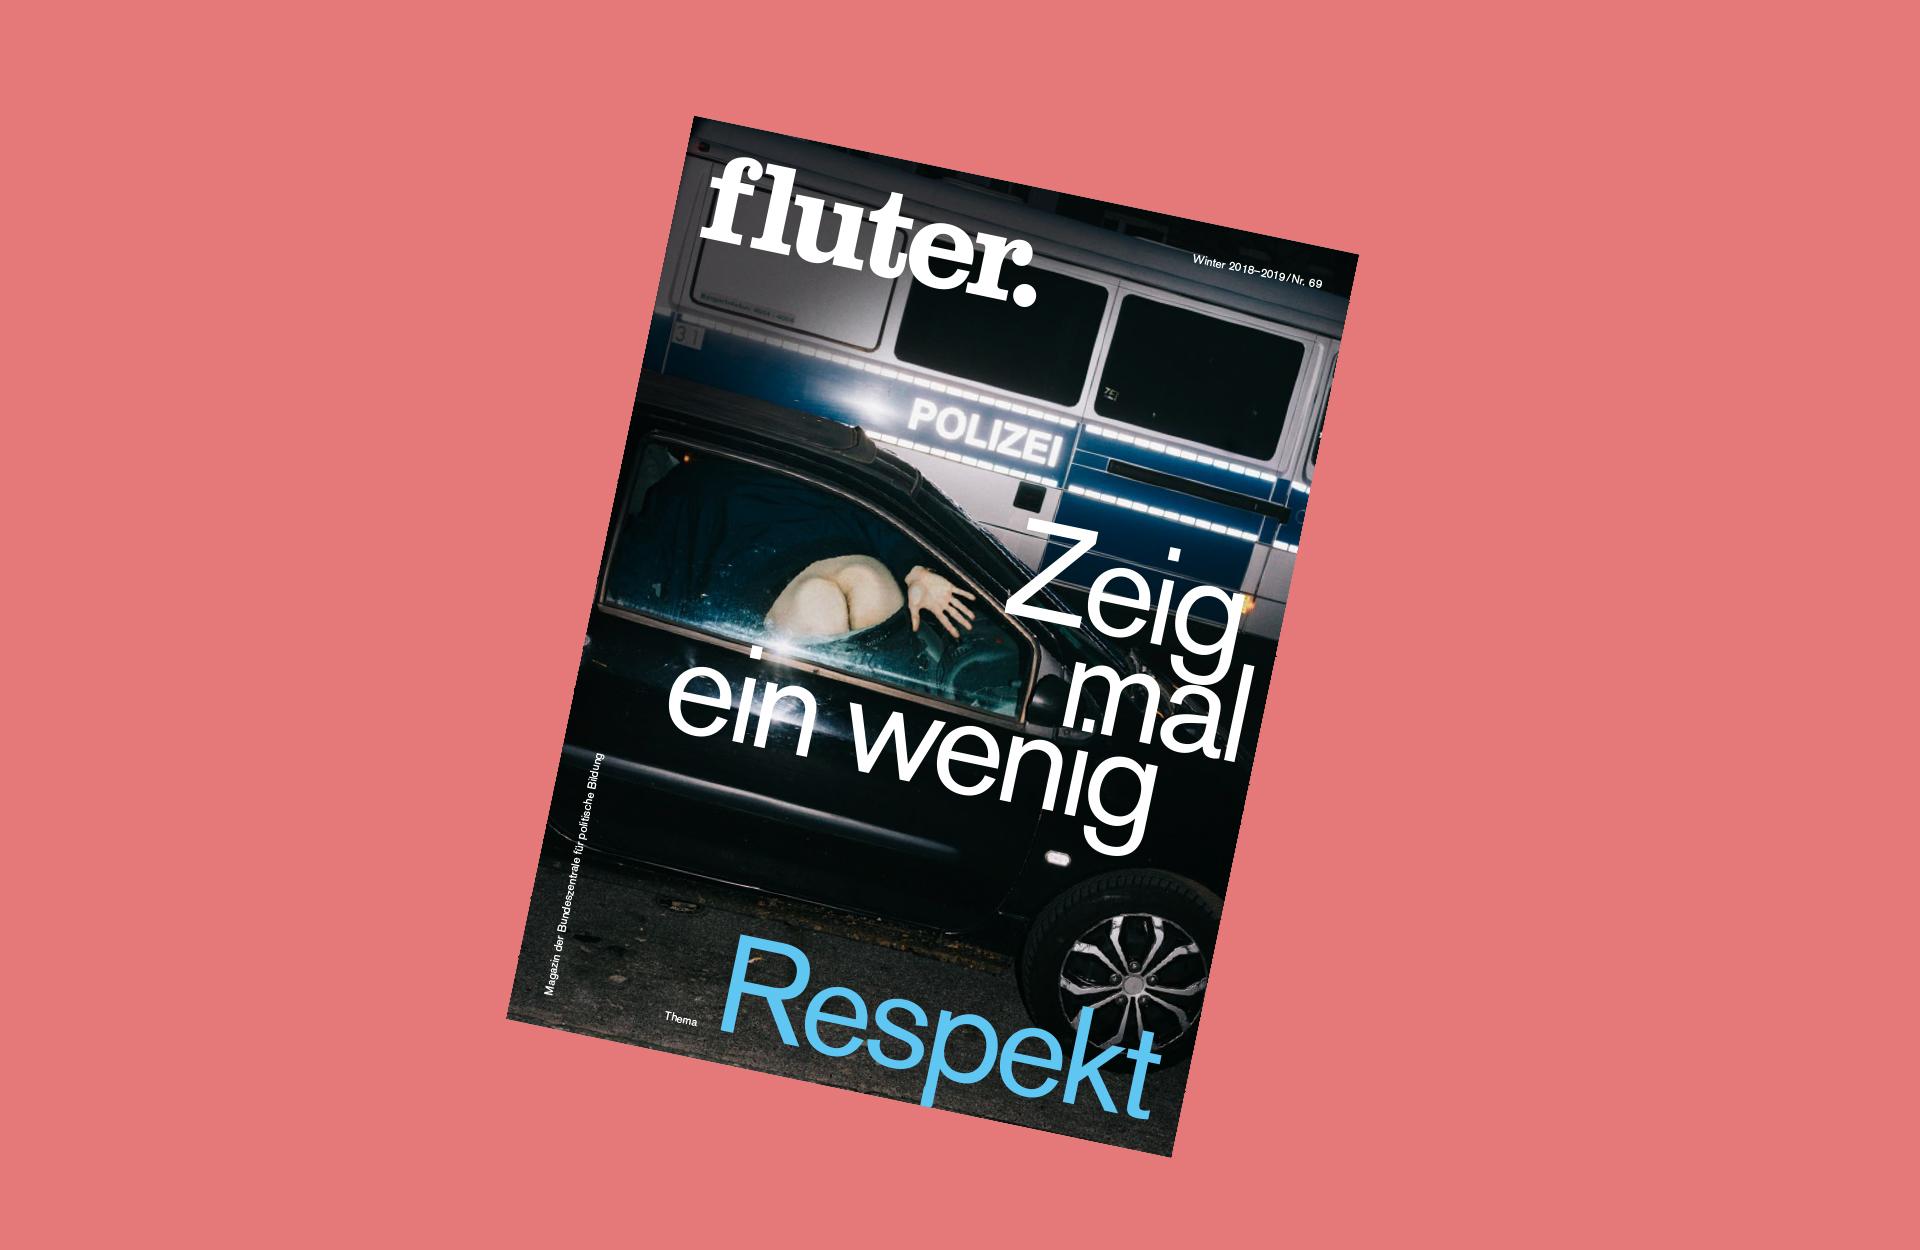 fluter 69 Thema Respekt